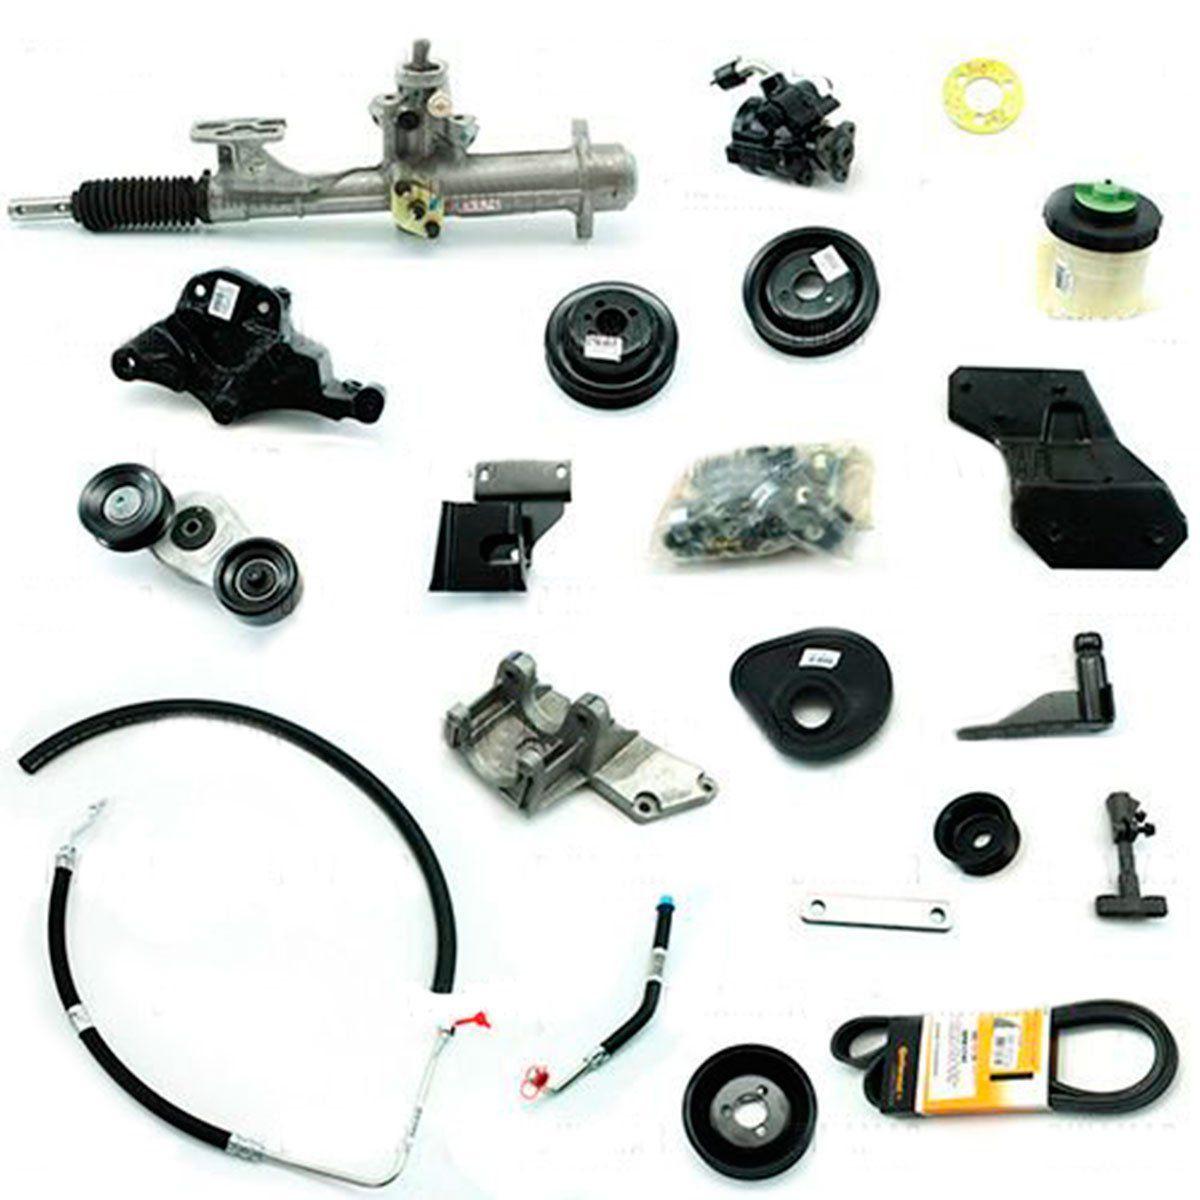 Kit De Direção Hidráulica Do Volkswagen Gol Parati Saveiro Ap 1.6/1.8 (Modelos G2/G3/G4) De 1996 Em Diante (Modelos Sem Ar Condicionado)